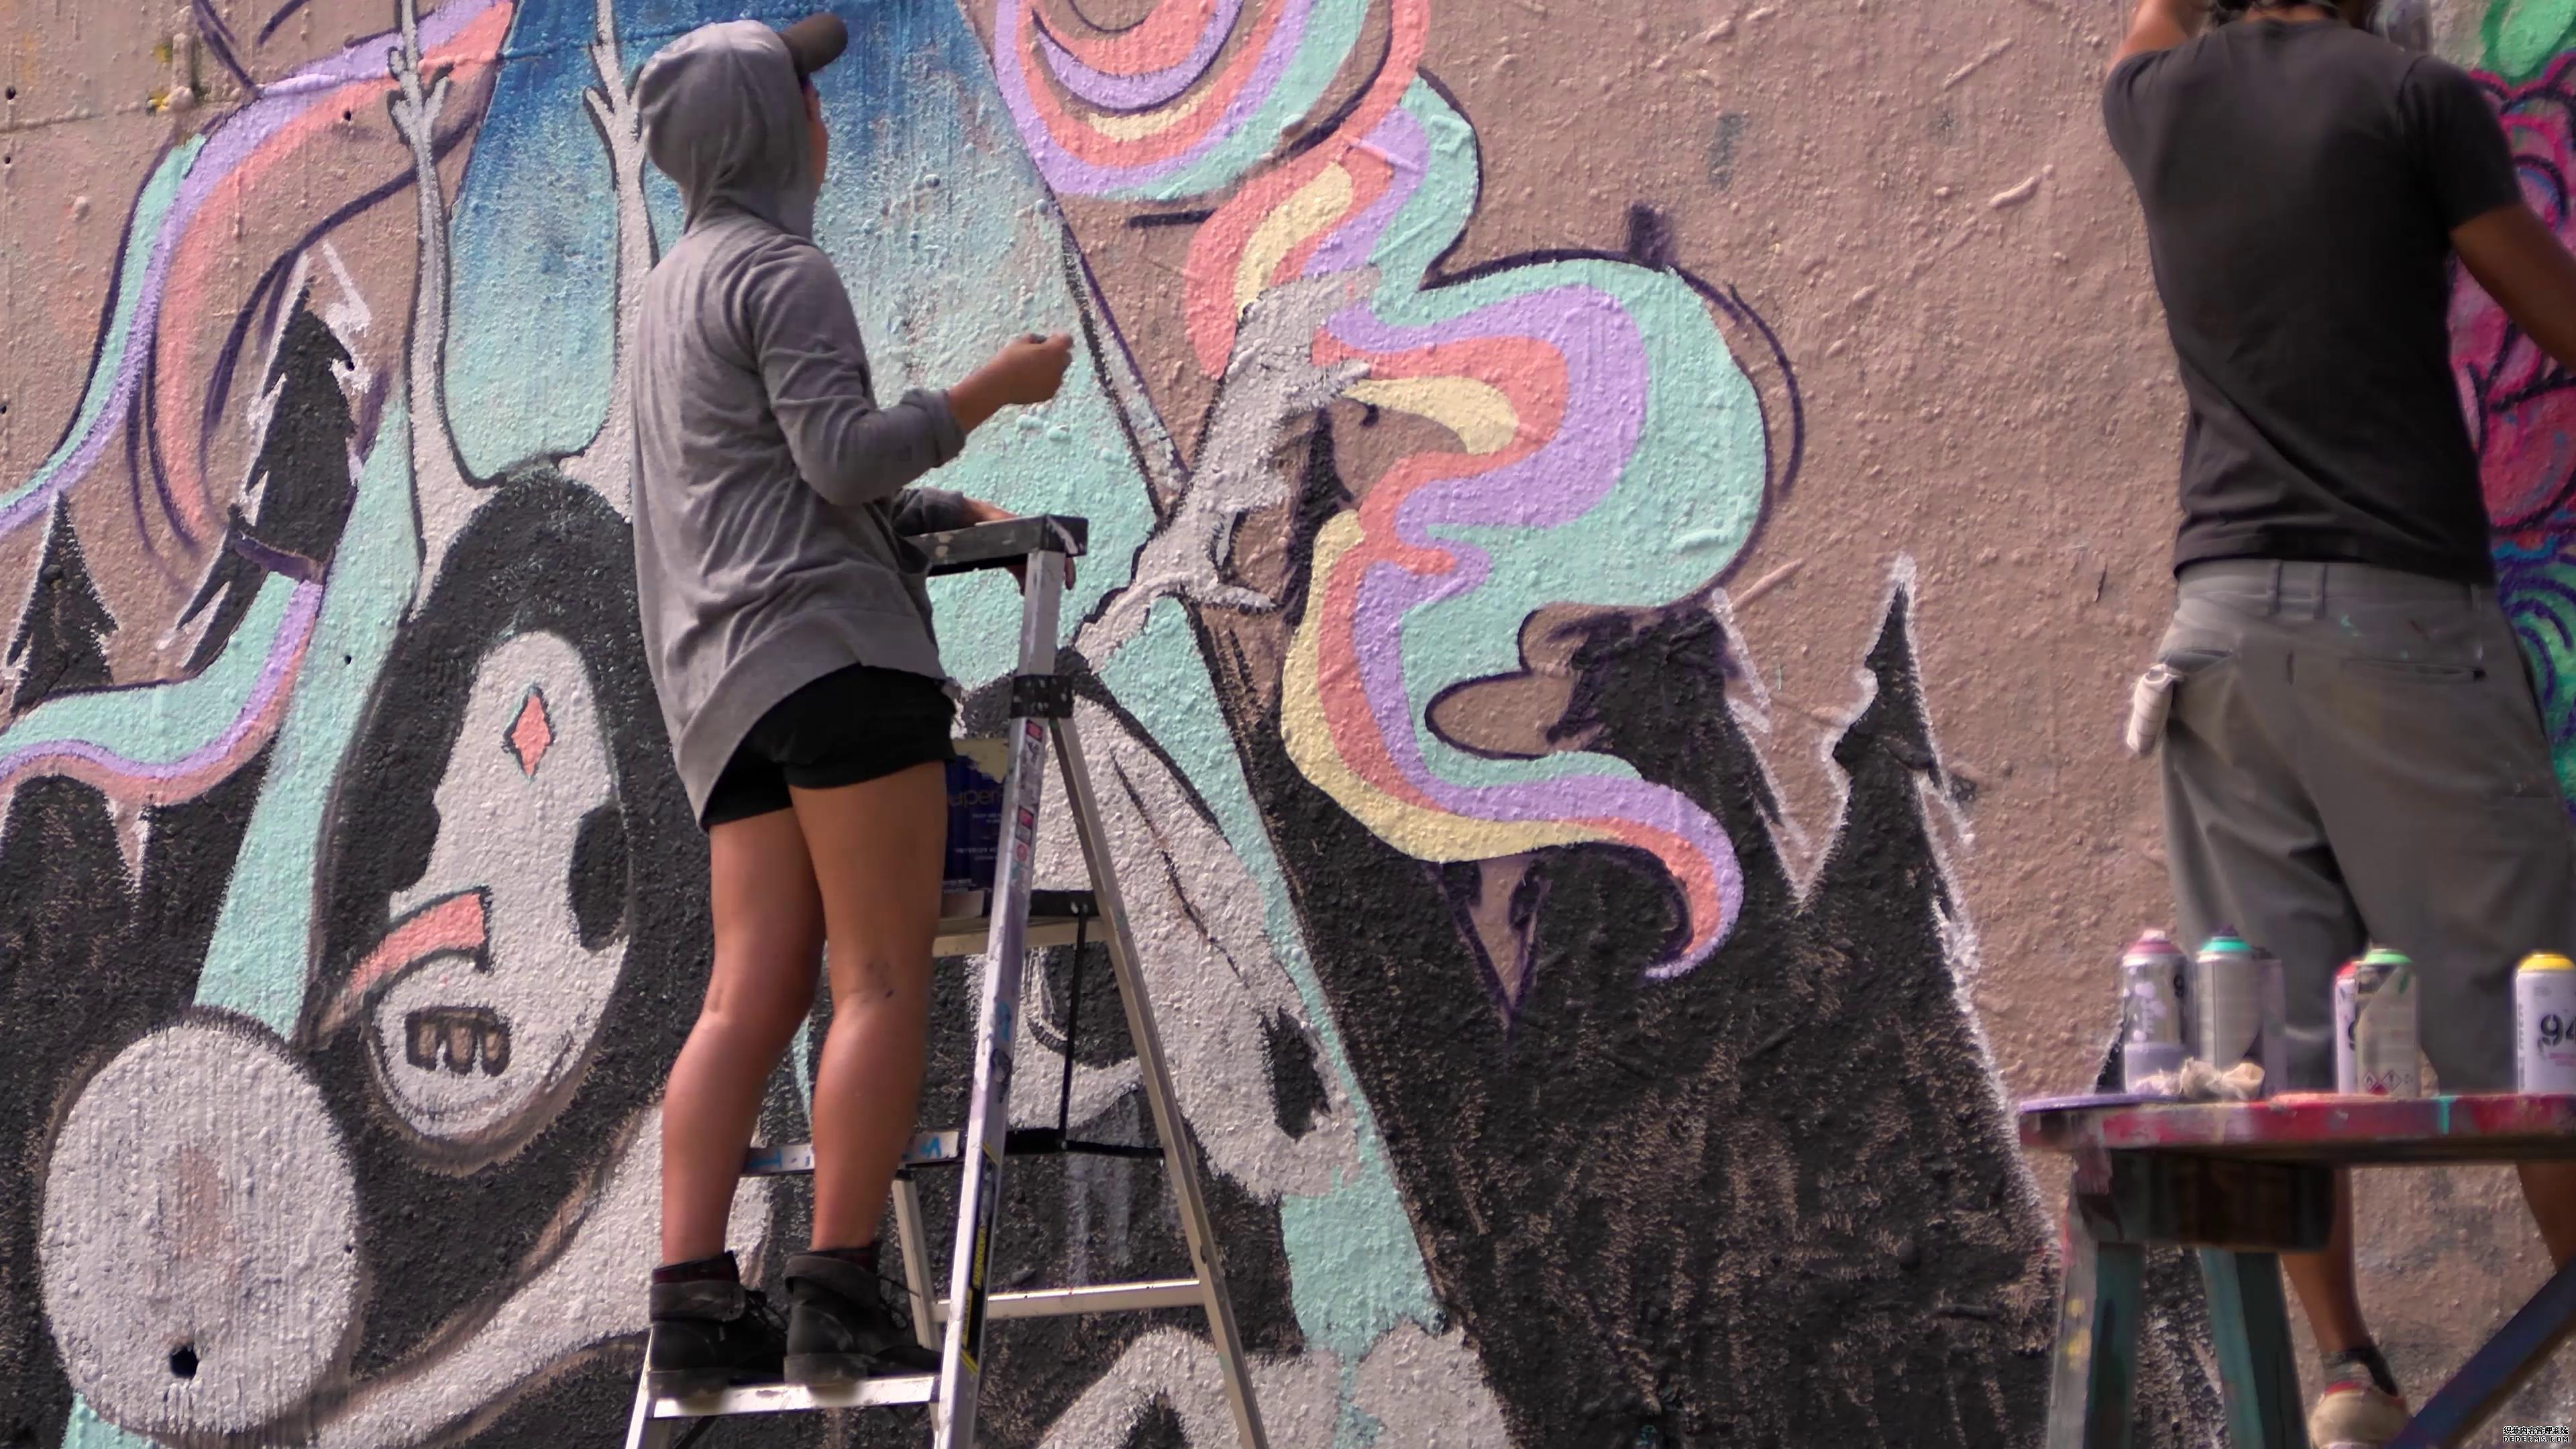 公园街头艺术壁画画家高清实拍